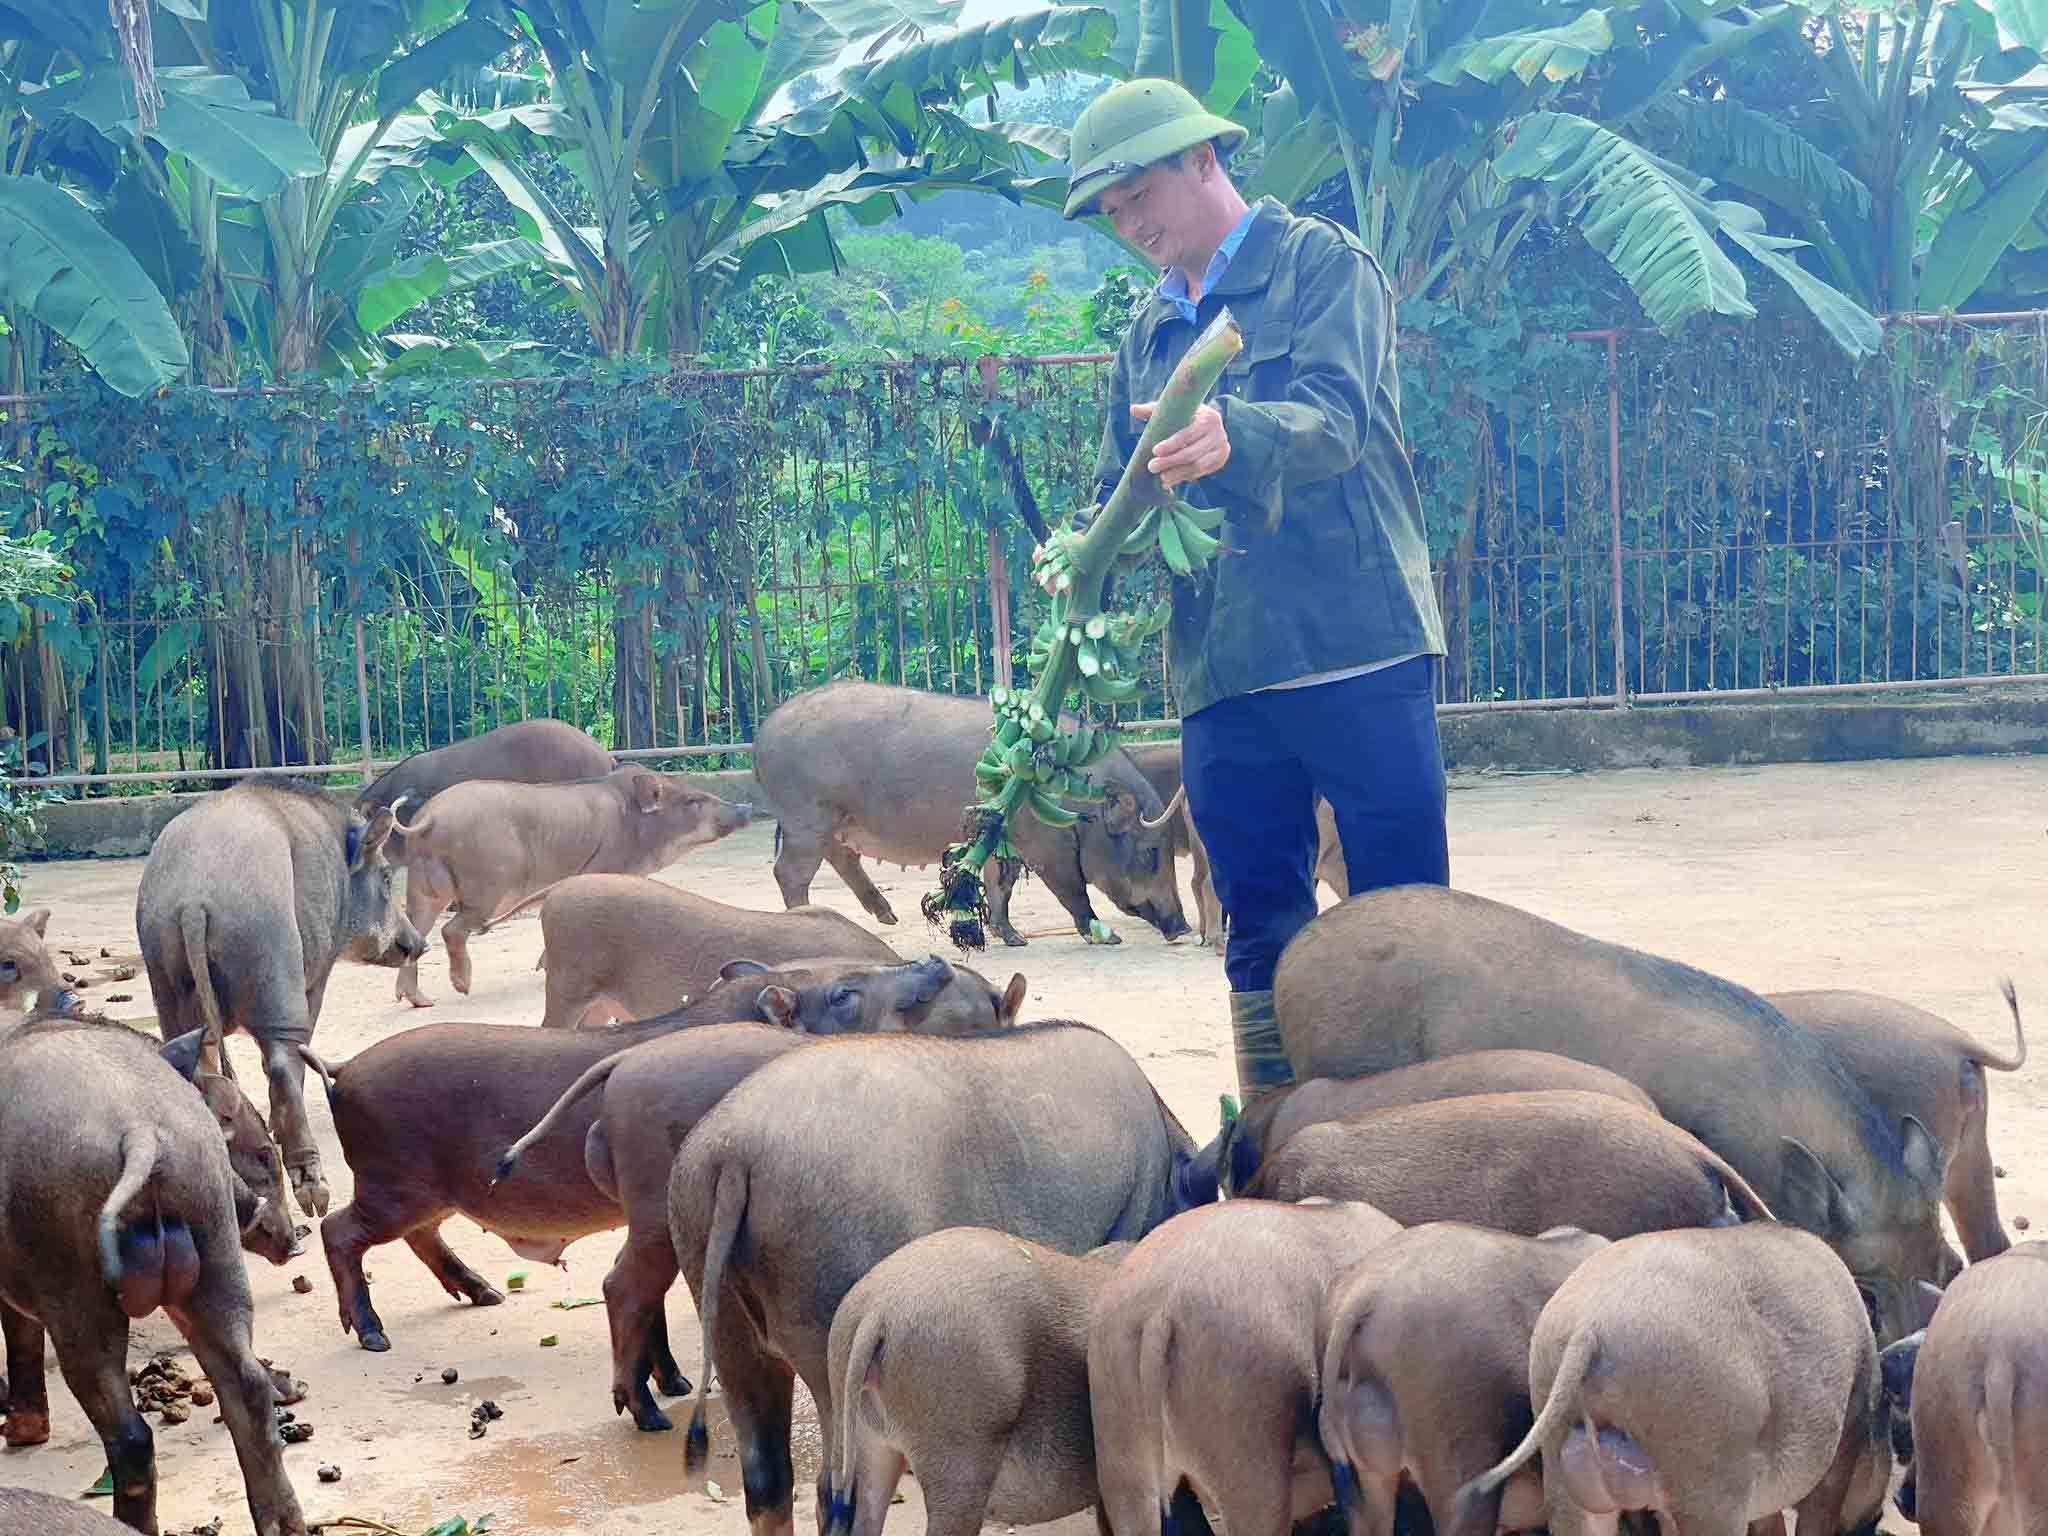 Đàn lợn rừng ăn dược liệu: Anh cán bộ xã thu tiền tỷ mỗi năm